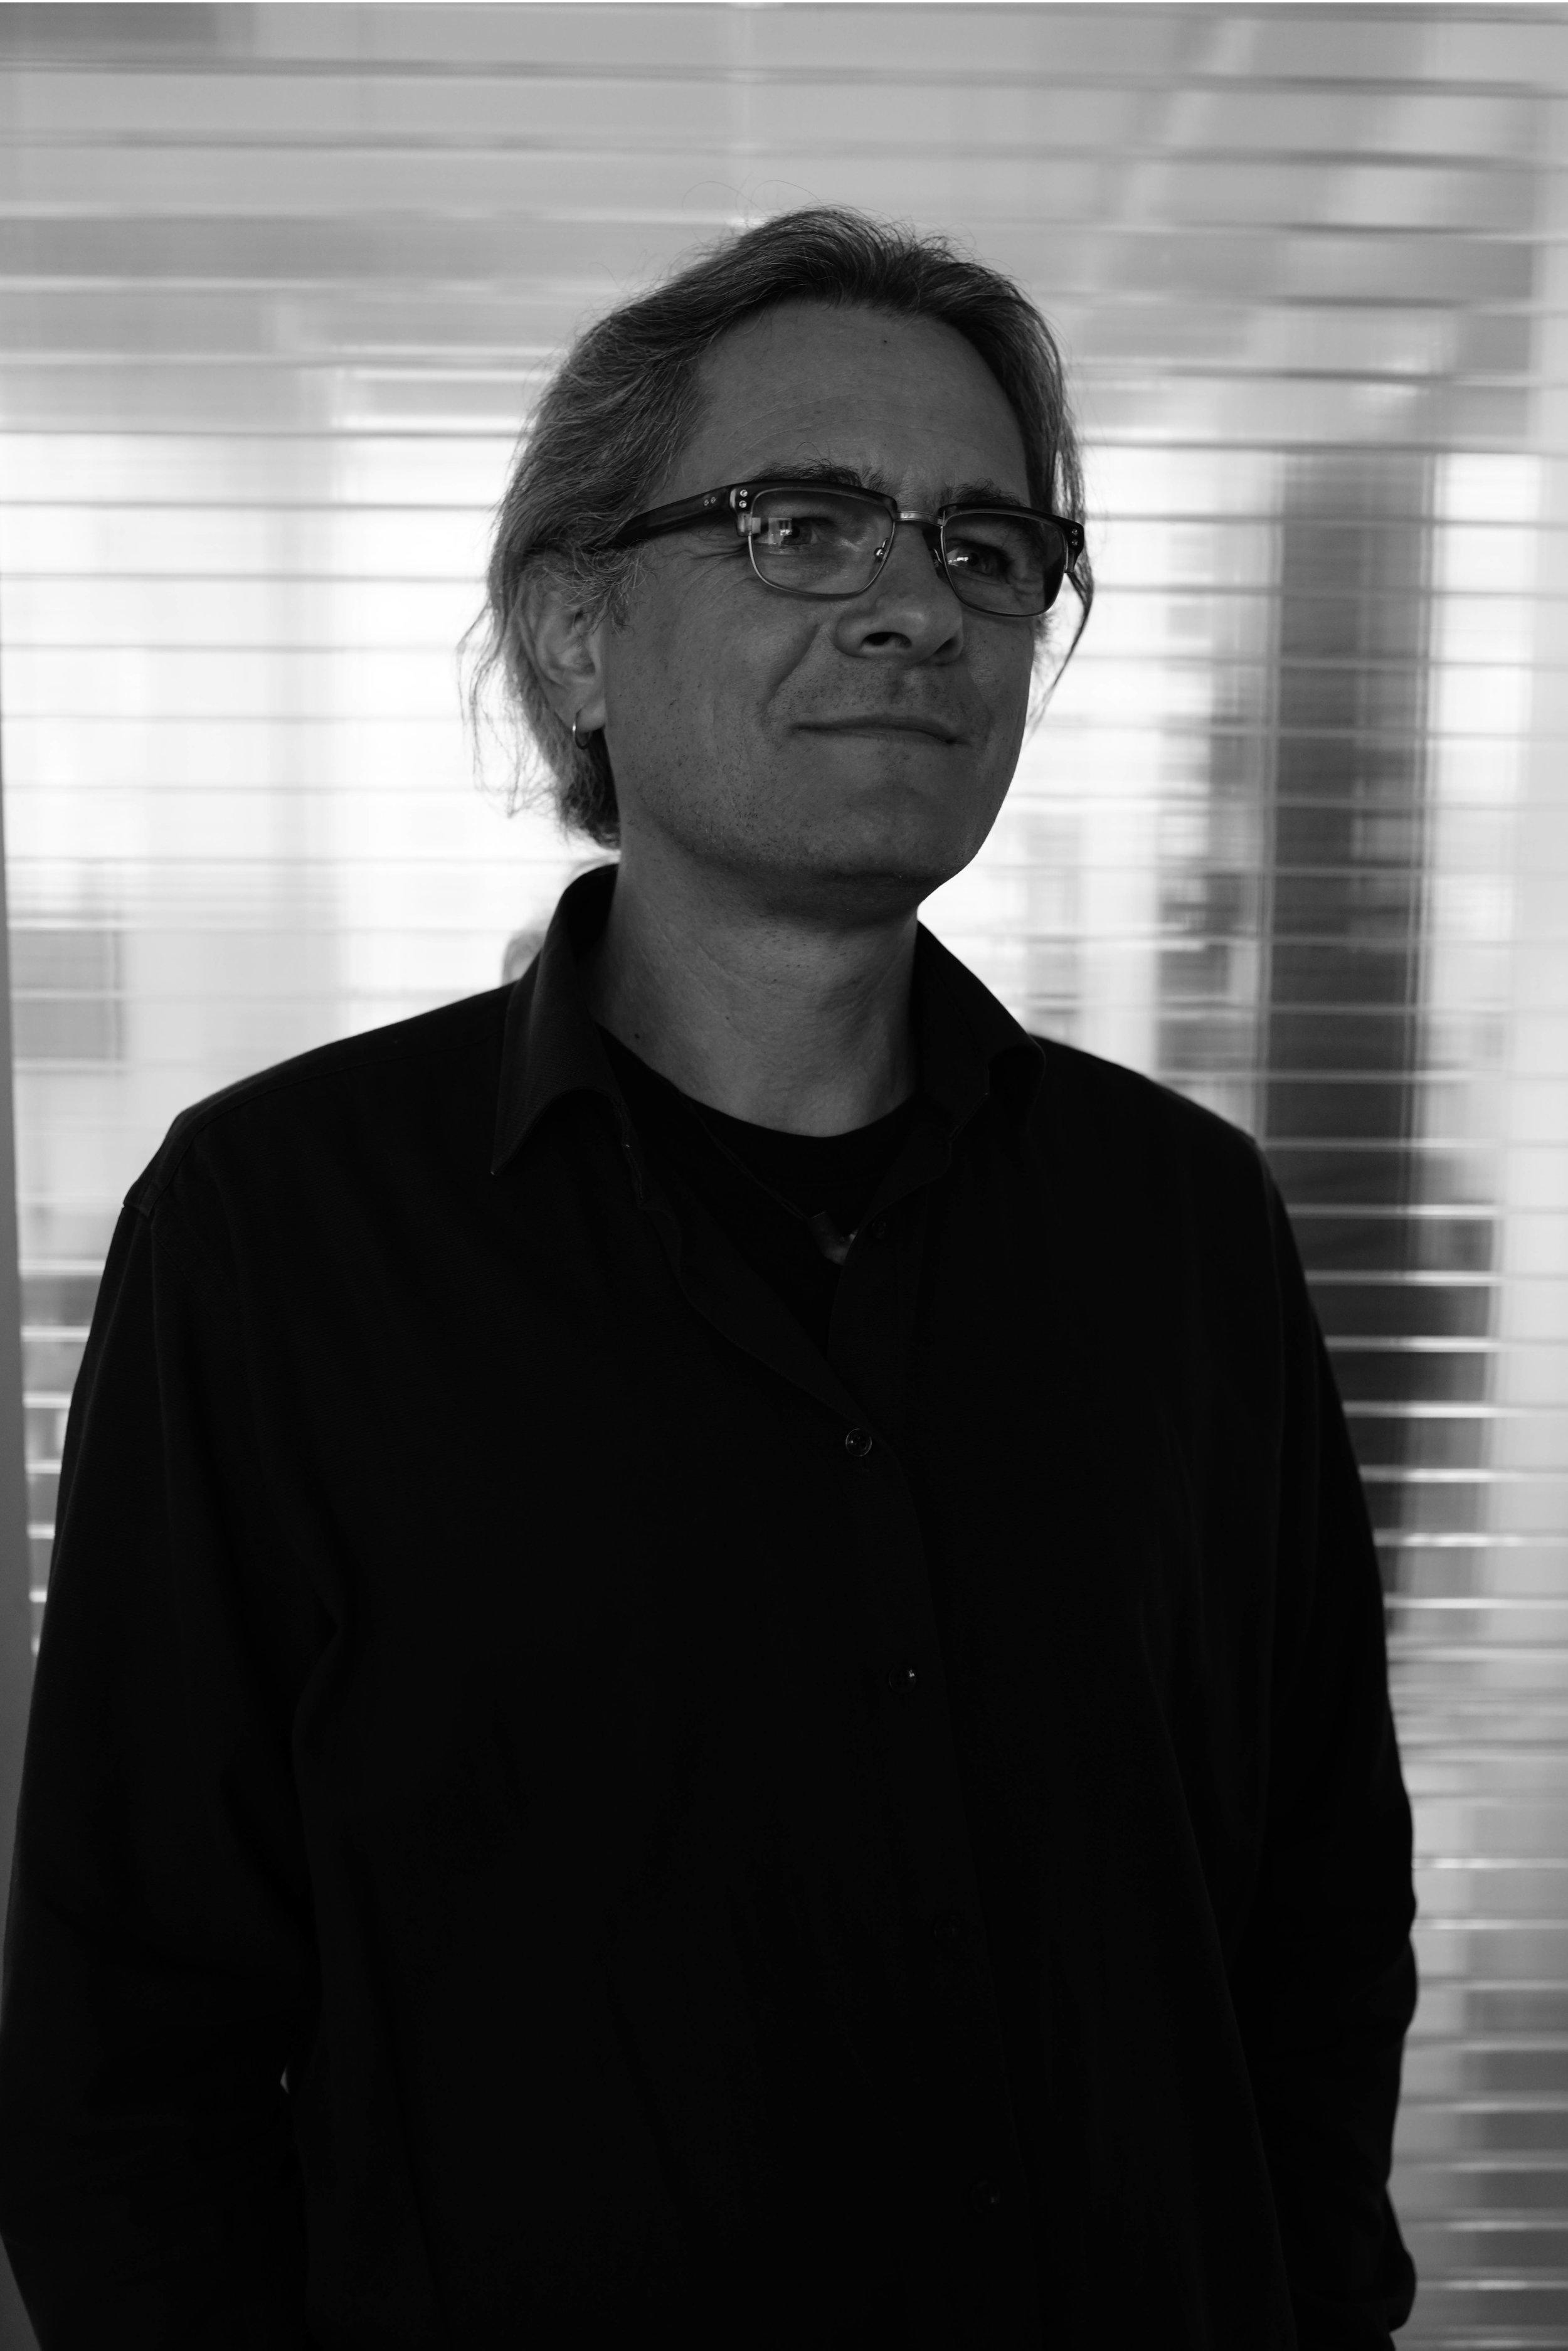 Heiko Englert86-93 Uni Stuttgart - Diplom Museum in Niedrigenergiebauweise02-03 Energetische Gebäudesanierung (ifBau)Eintrag in die Fachliste Energieeffizienz d. AkBWEintrag in der EnergieEffizienzExperten-Liste der dena -